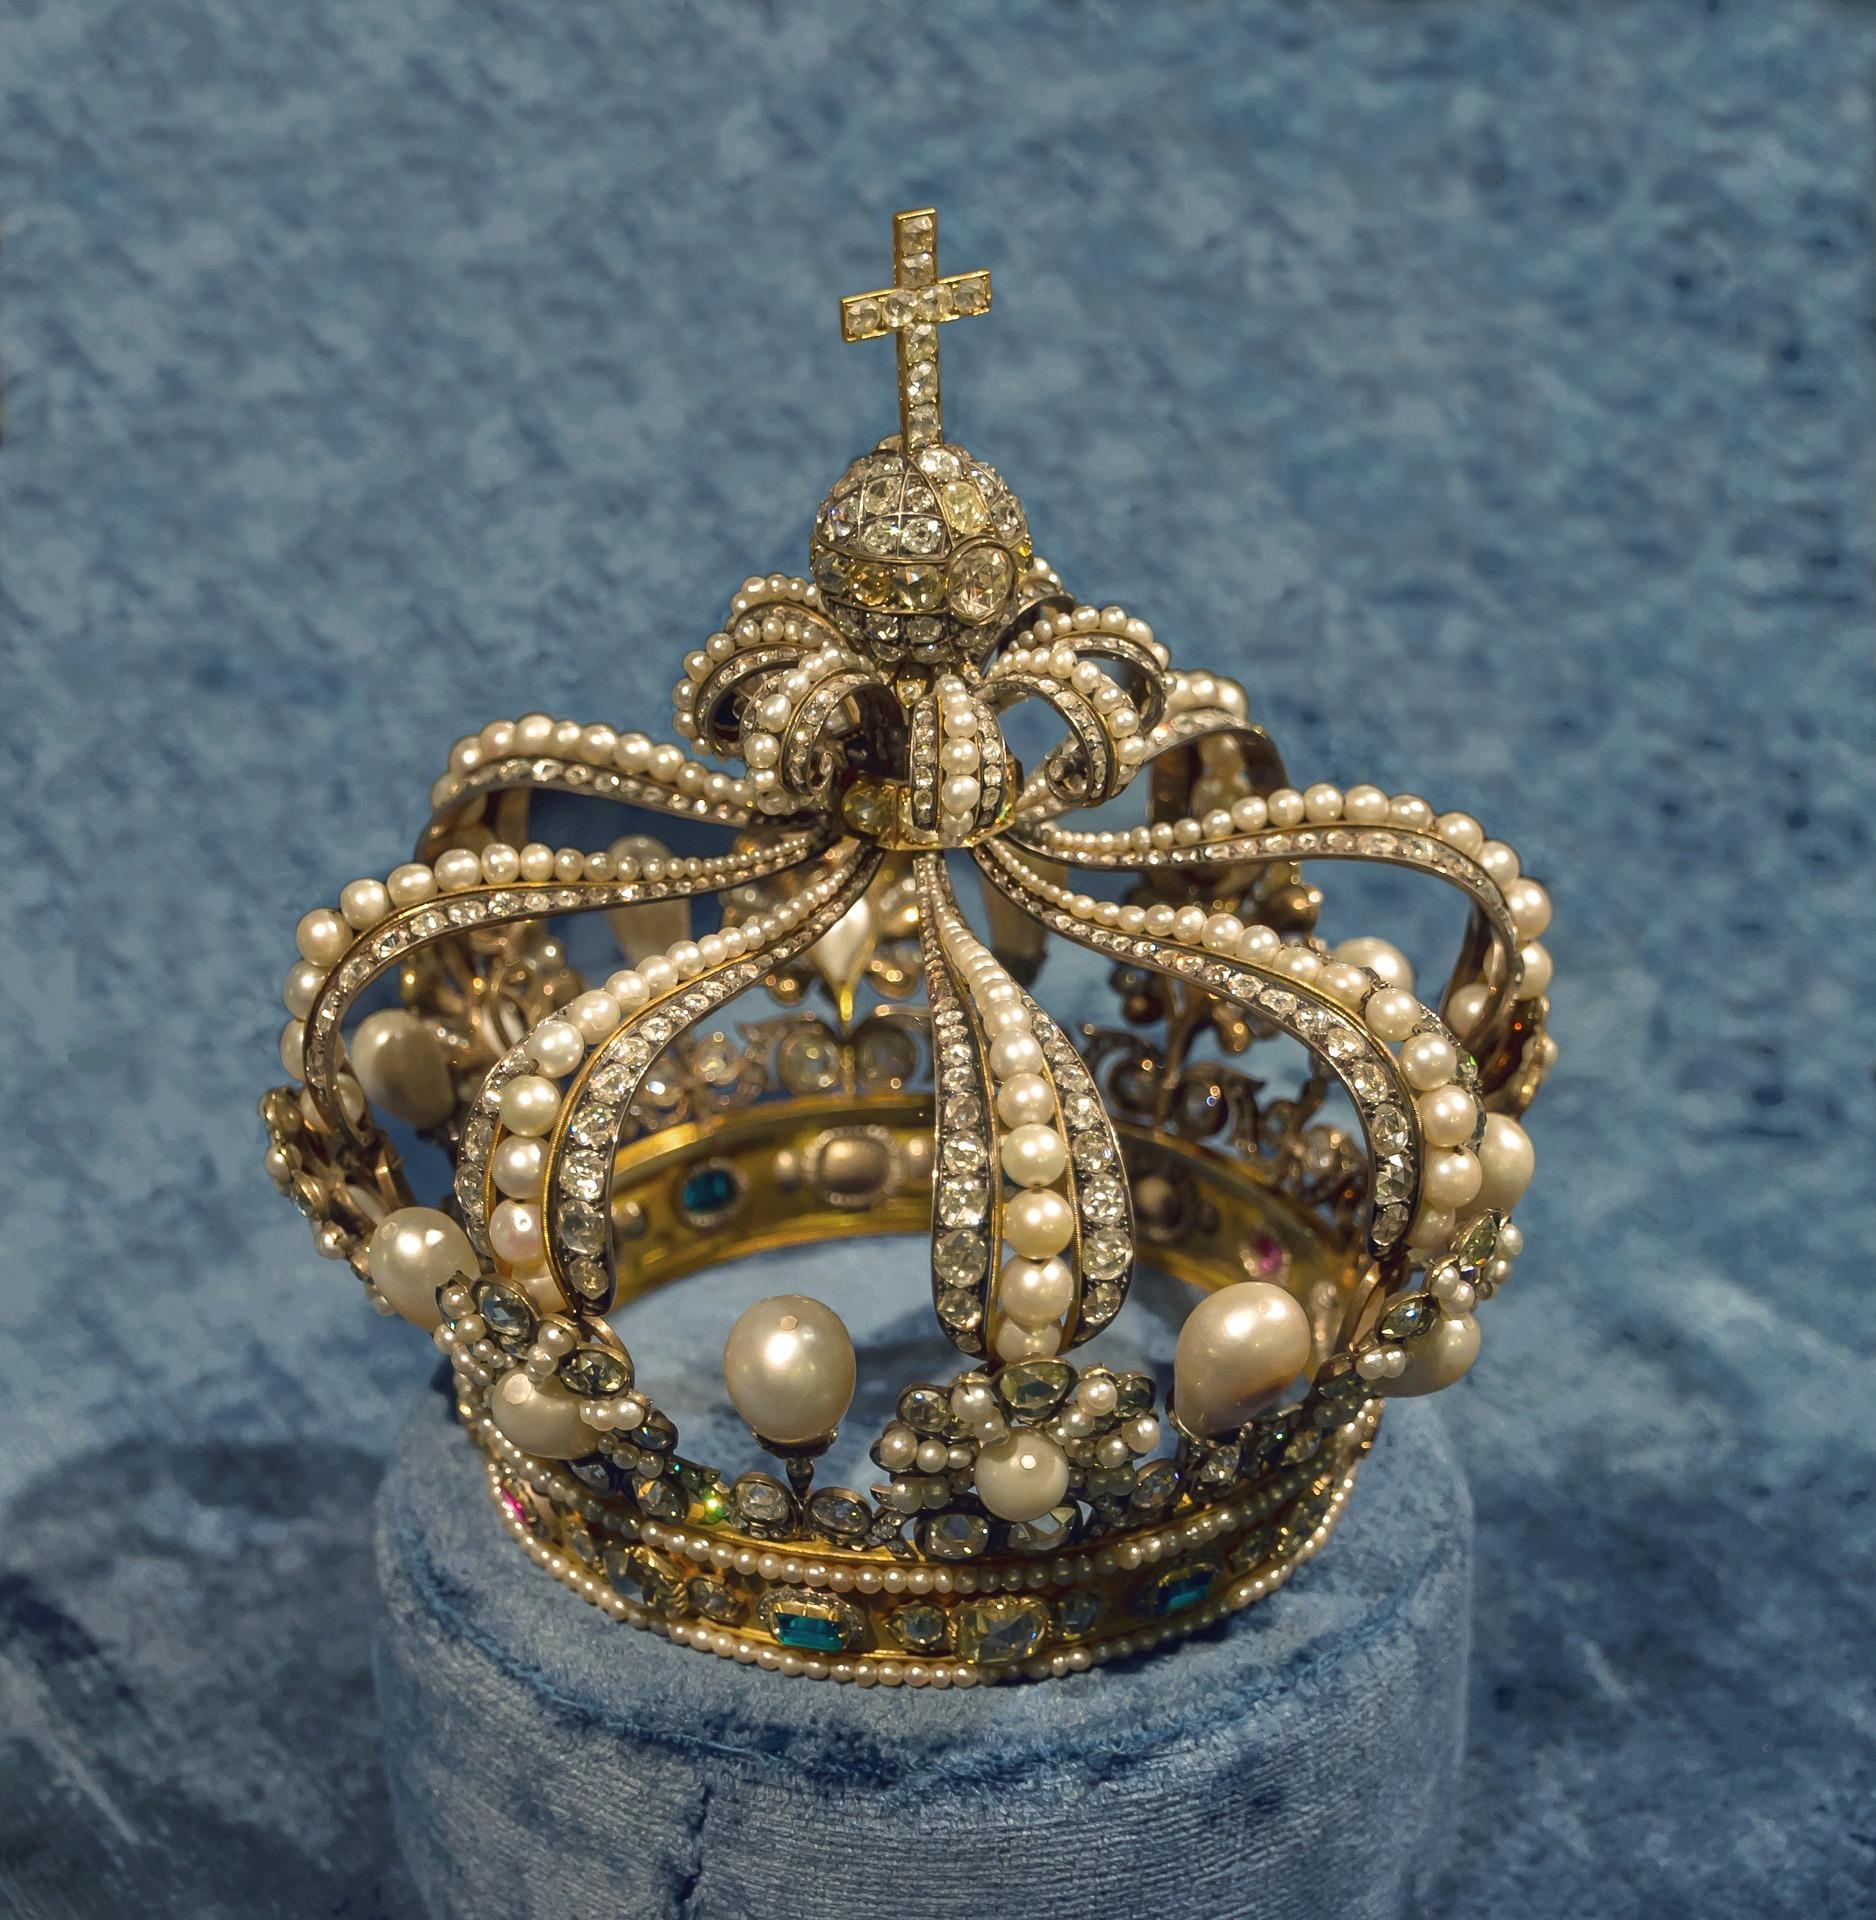 Die Krone eines Königs